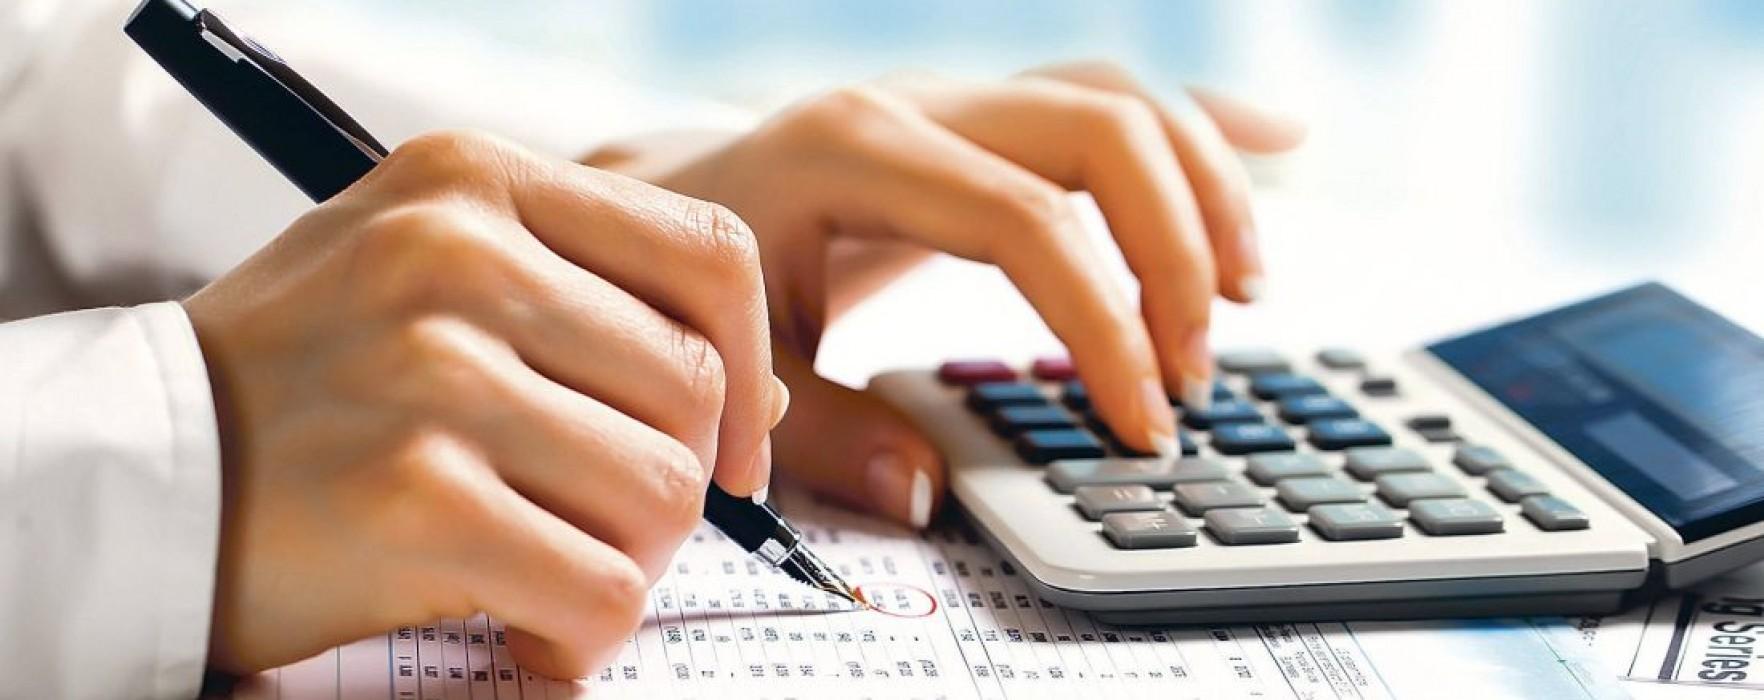 Târgovişte: Mai sunt 3 zile în care beneficiaţi de scutirea de la plata majorărilor de întârziere aferente impozitelor și taxelor locale